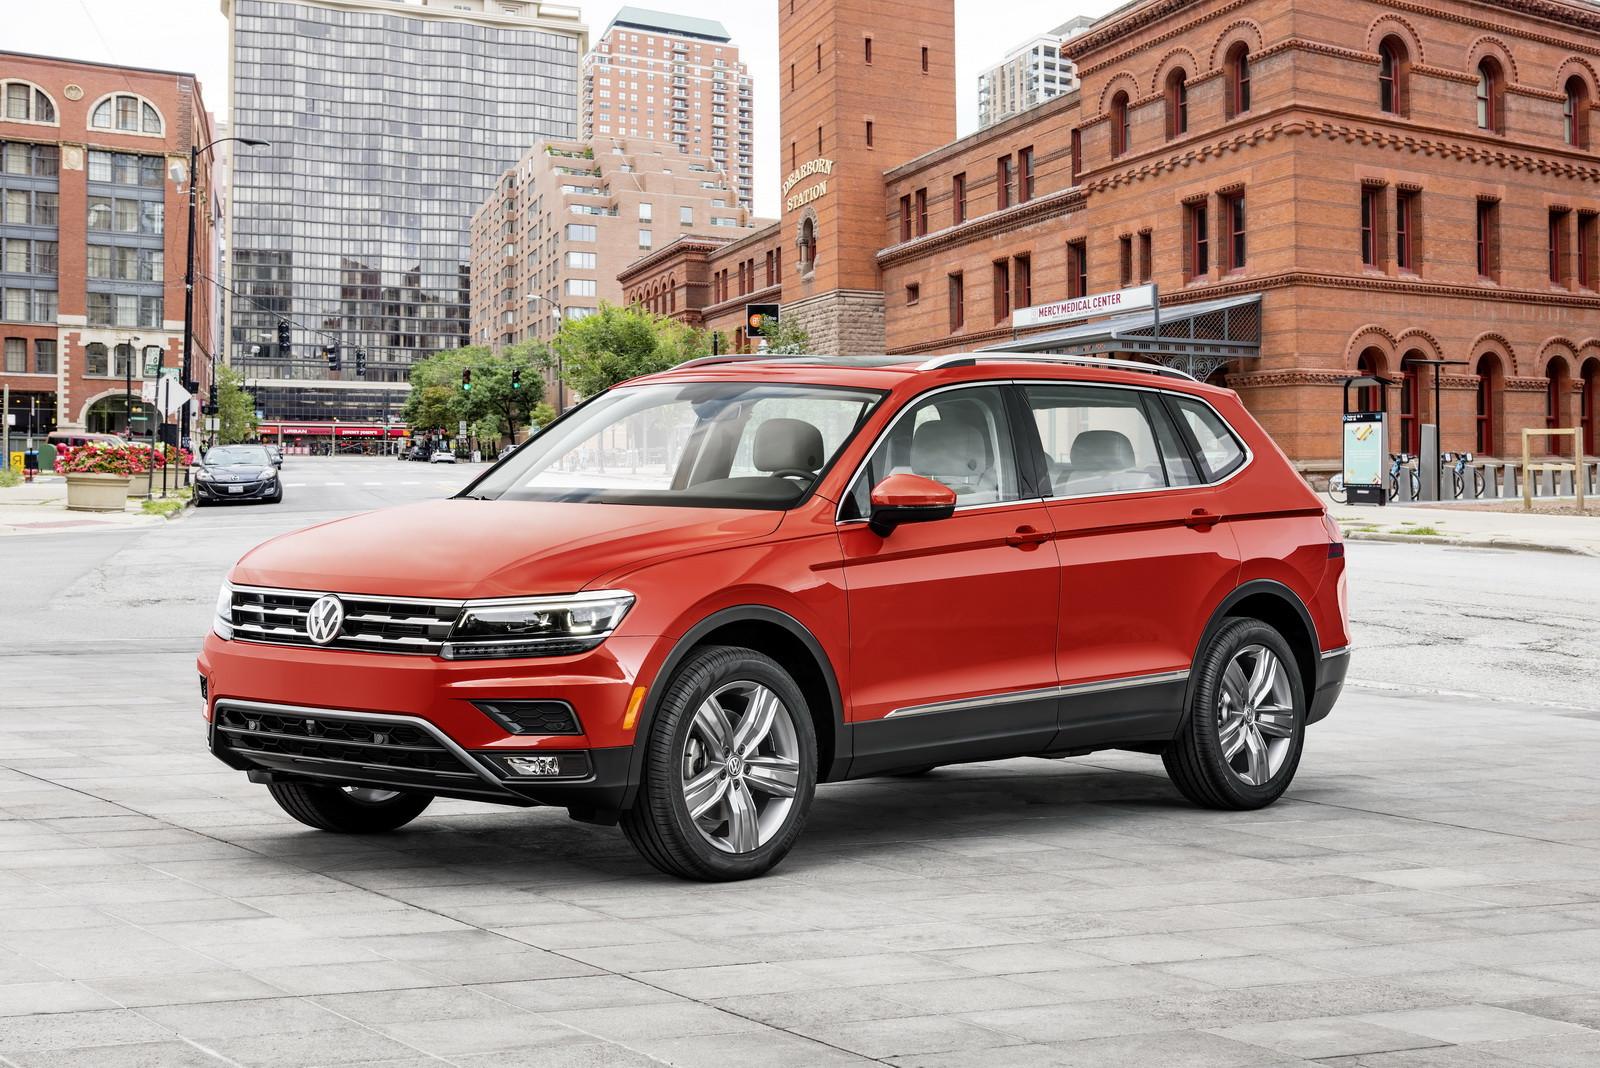 Кроссовер VW Tiguan получит новый 2,0-литровый мотор TSI